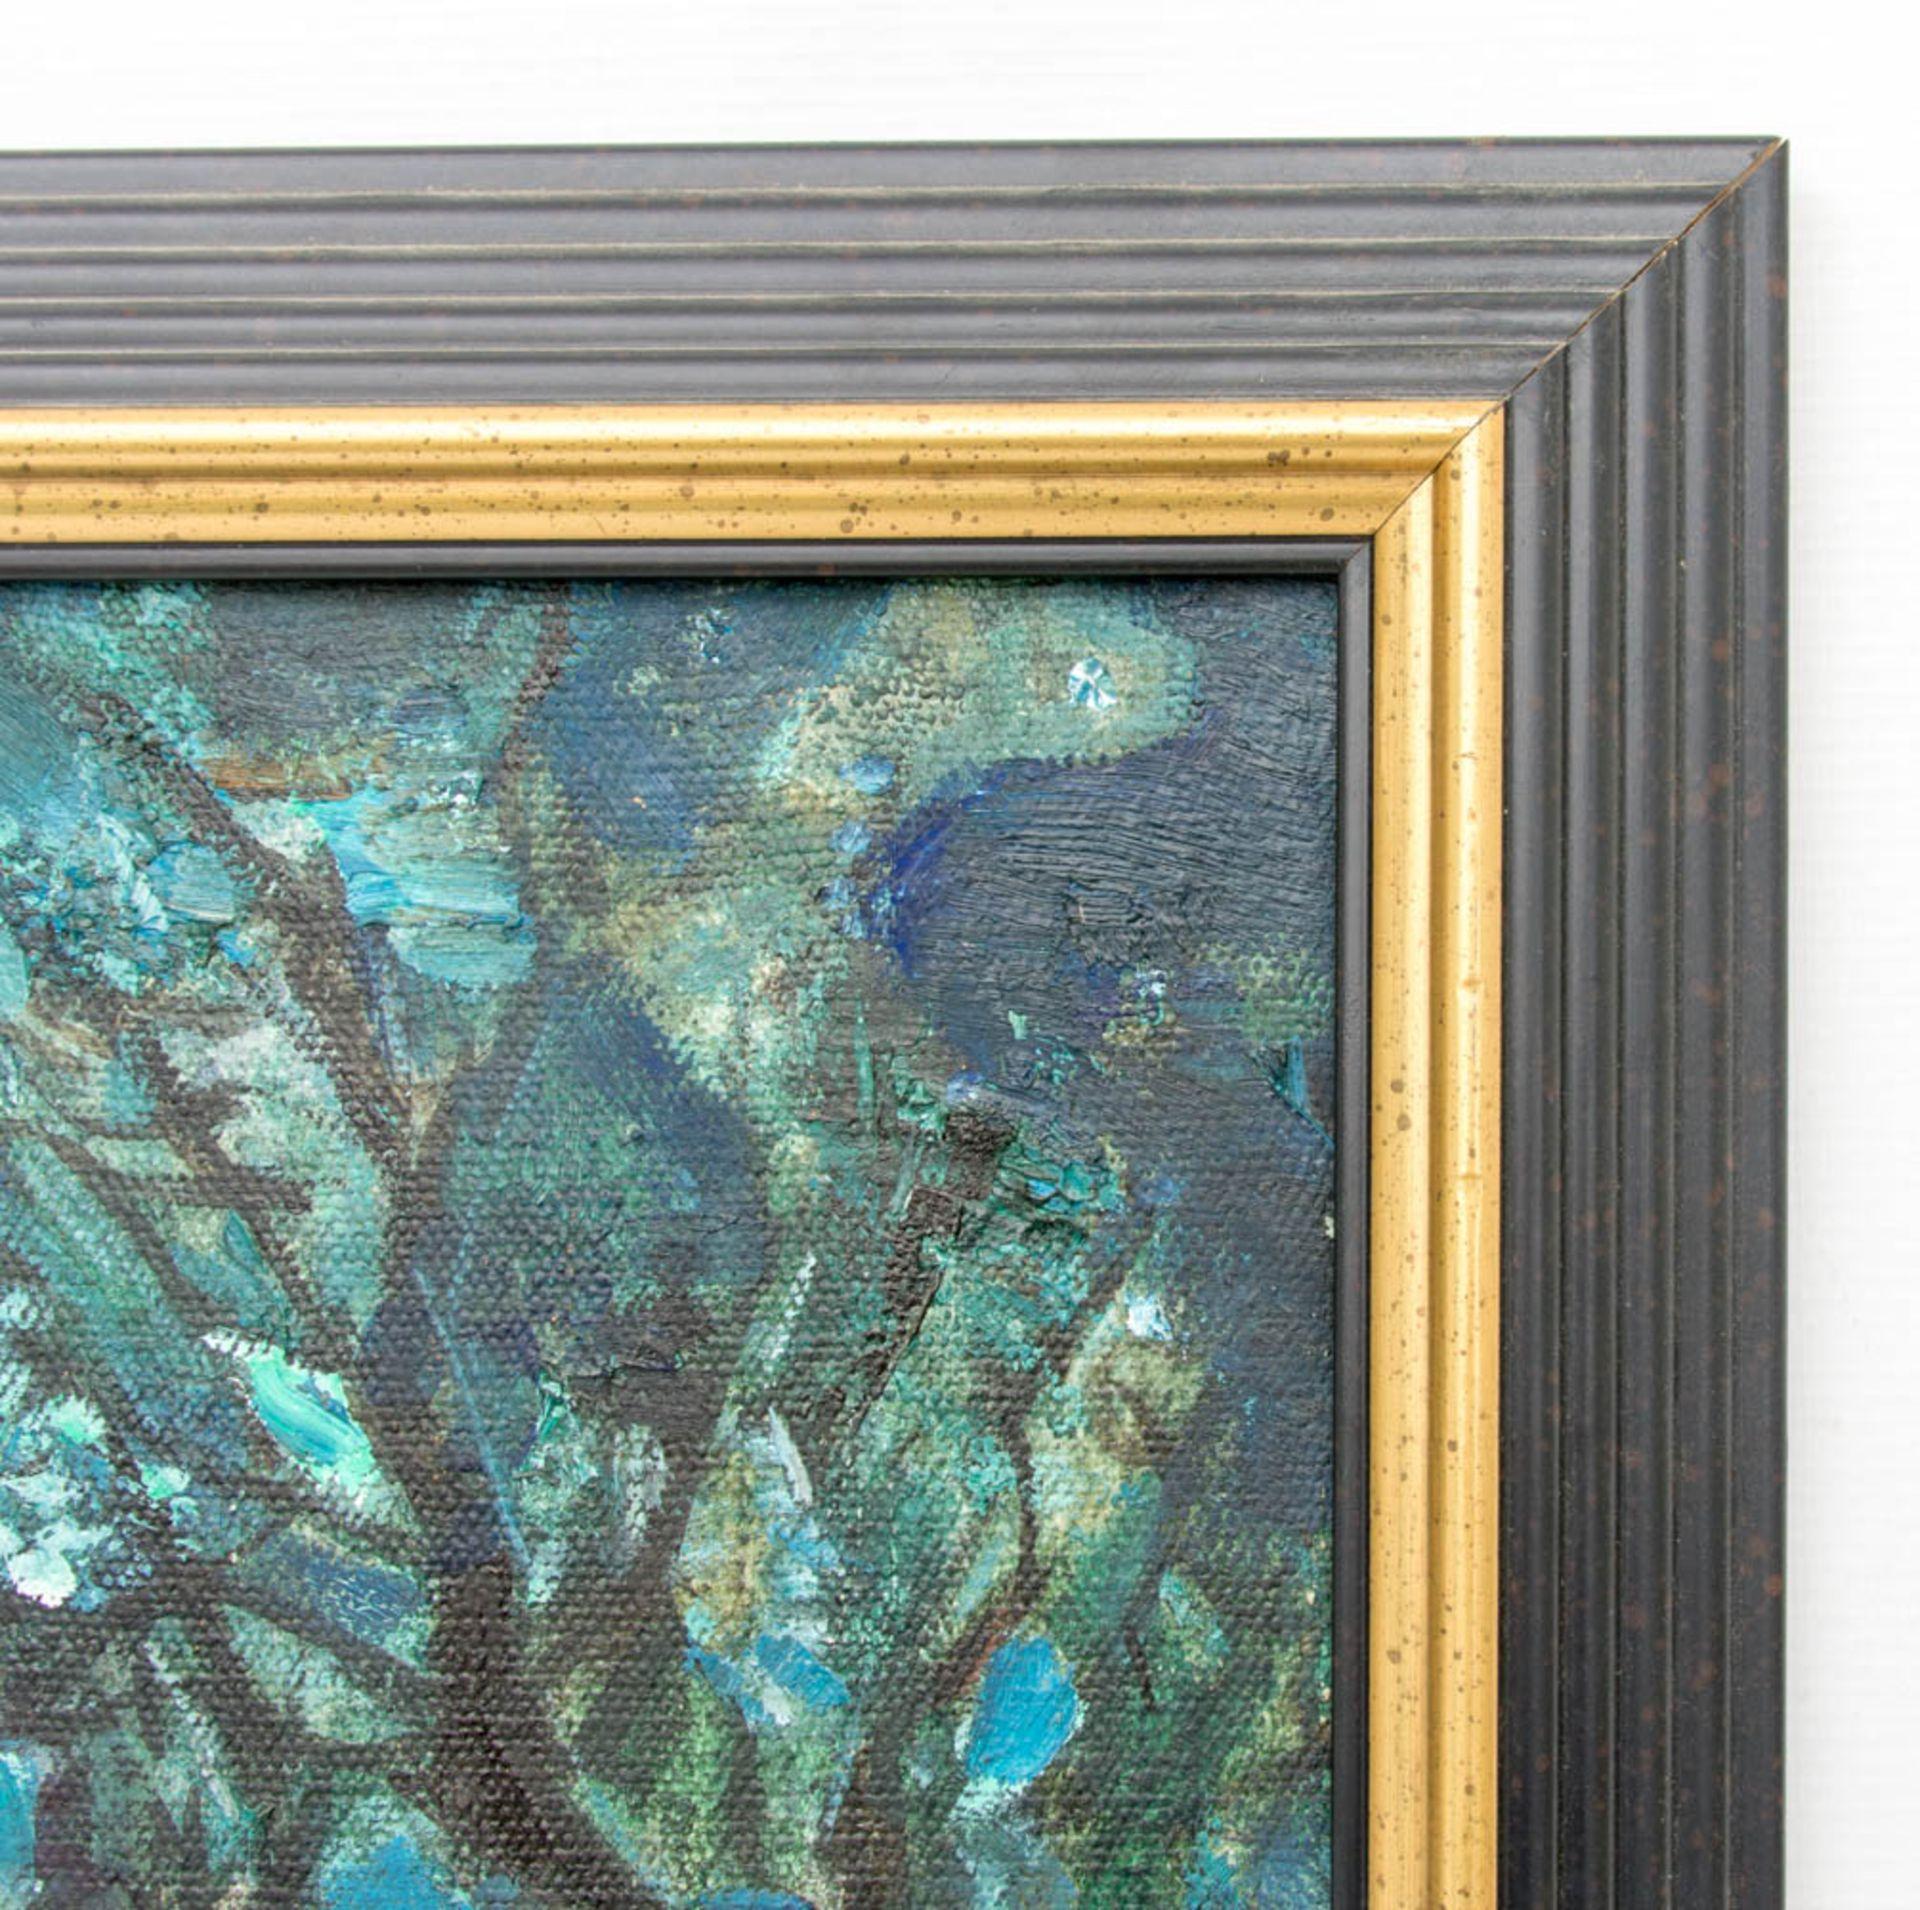 Abstrakte Komposition mit Bäumen, Stadt und Menschen, Acryl auf Leinwand.Rückseite m - Bild 3 aus 5